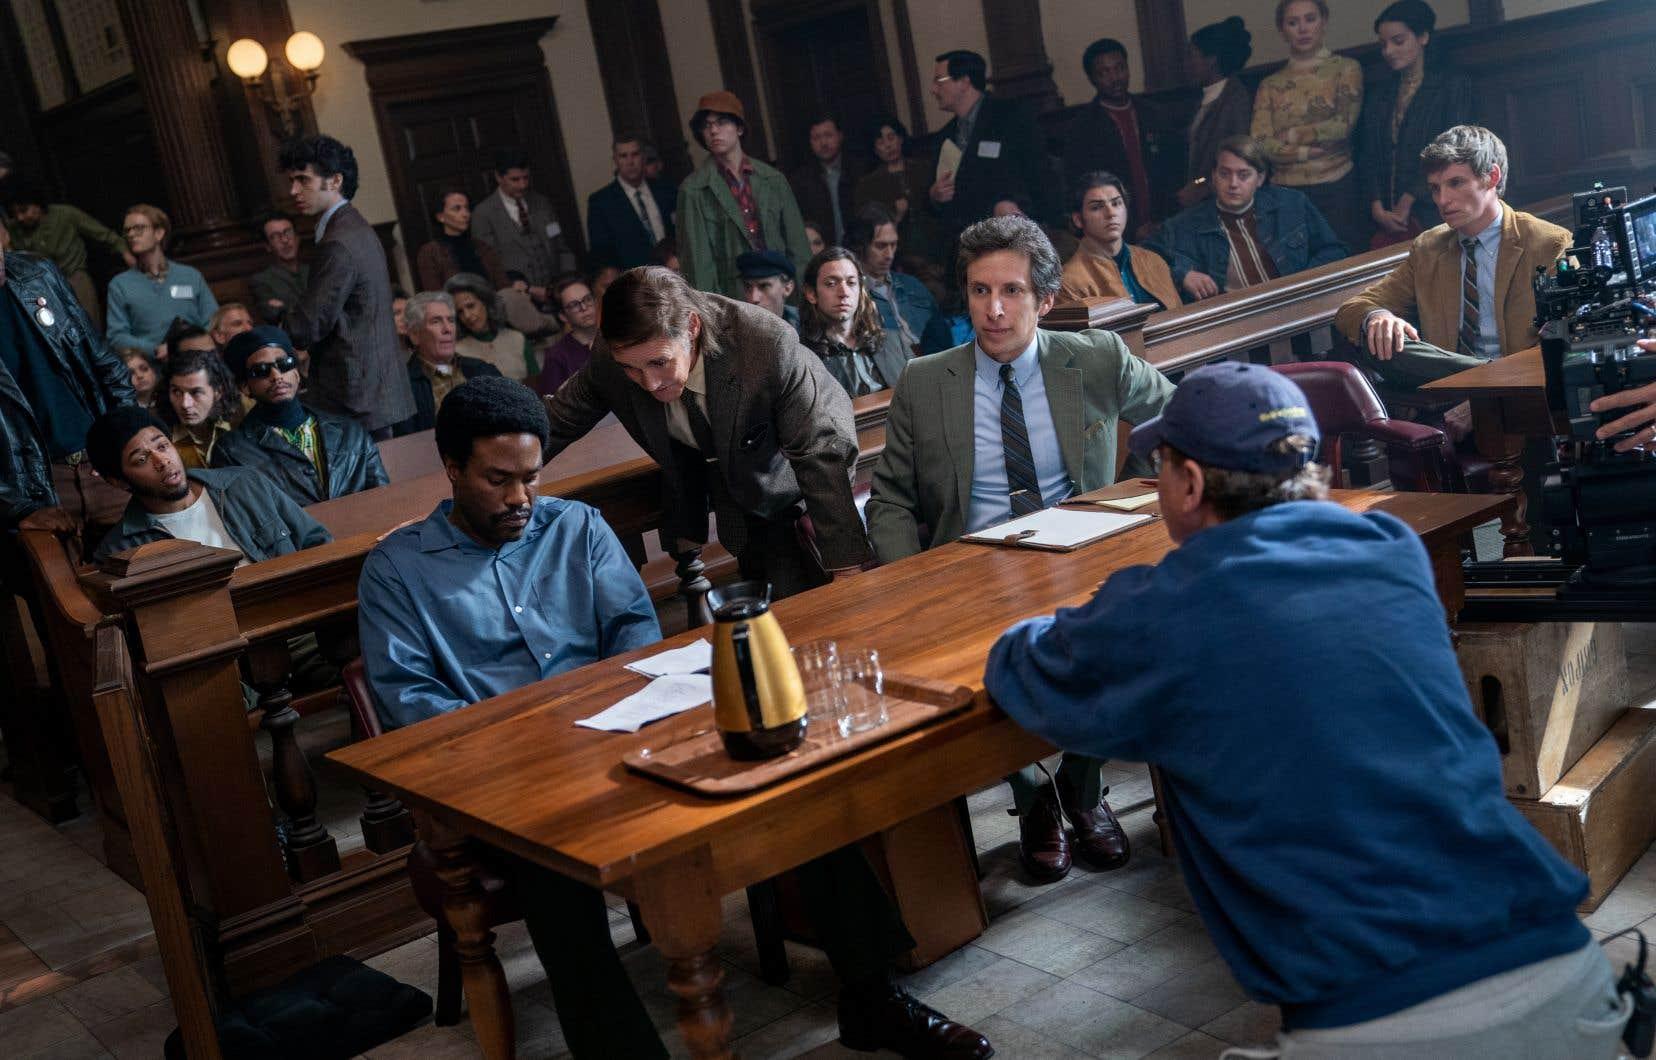 Le tournage du drame judiciaire «The Trial of the Chicago 7», avec les acteurs Kelvin Harrison Jr, Yahya Abdul-Mateen II, Mark Rylance, Eddie Redmayne (à droite) et le réalisateur Aaron Sorkin (de dos)